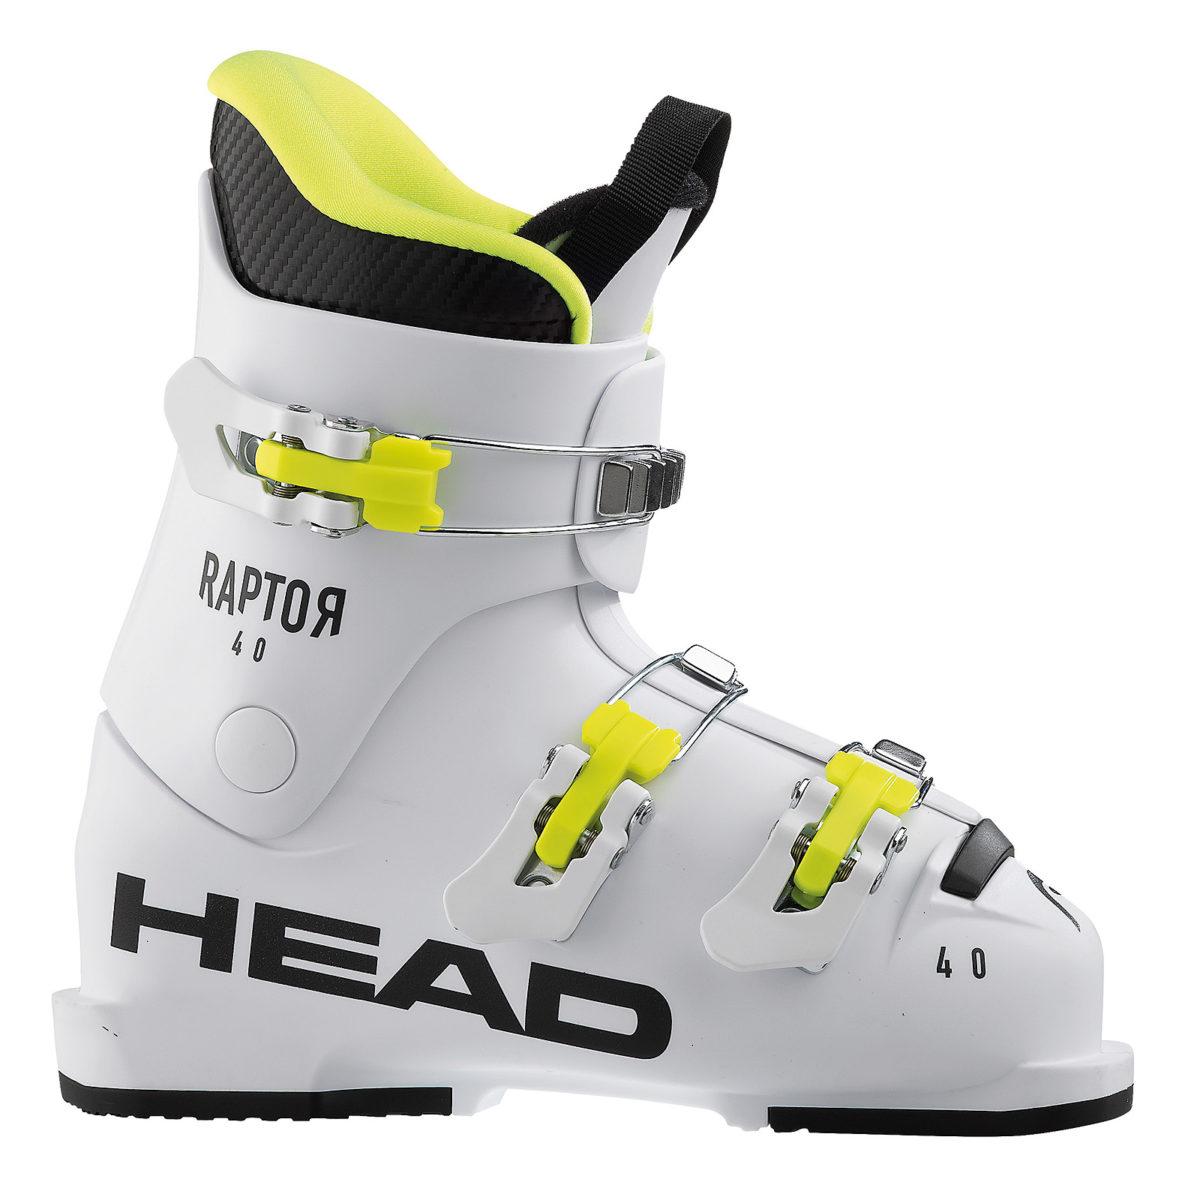 HEAD RAPTOR 40 Ботинки горнолыжные 607261 - 1